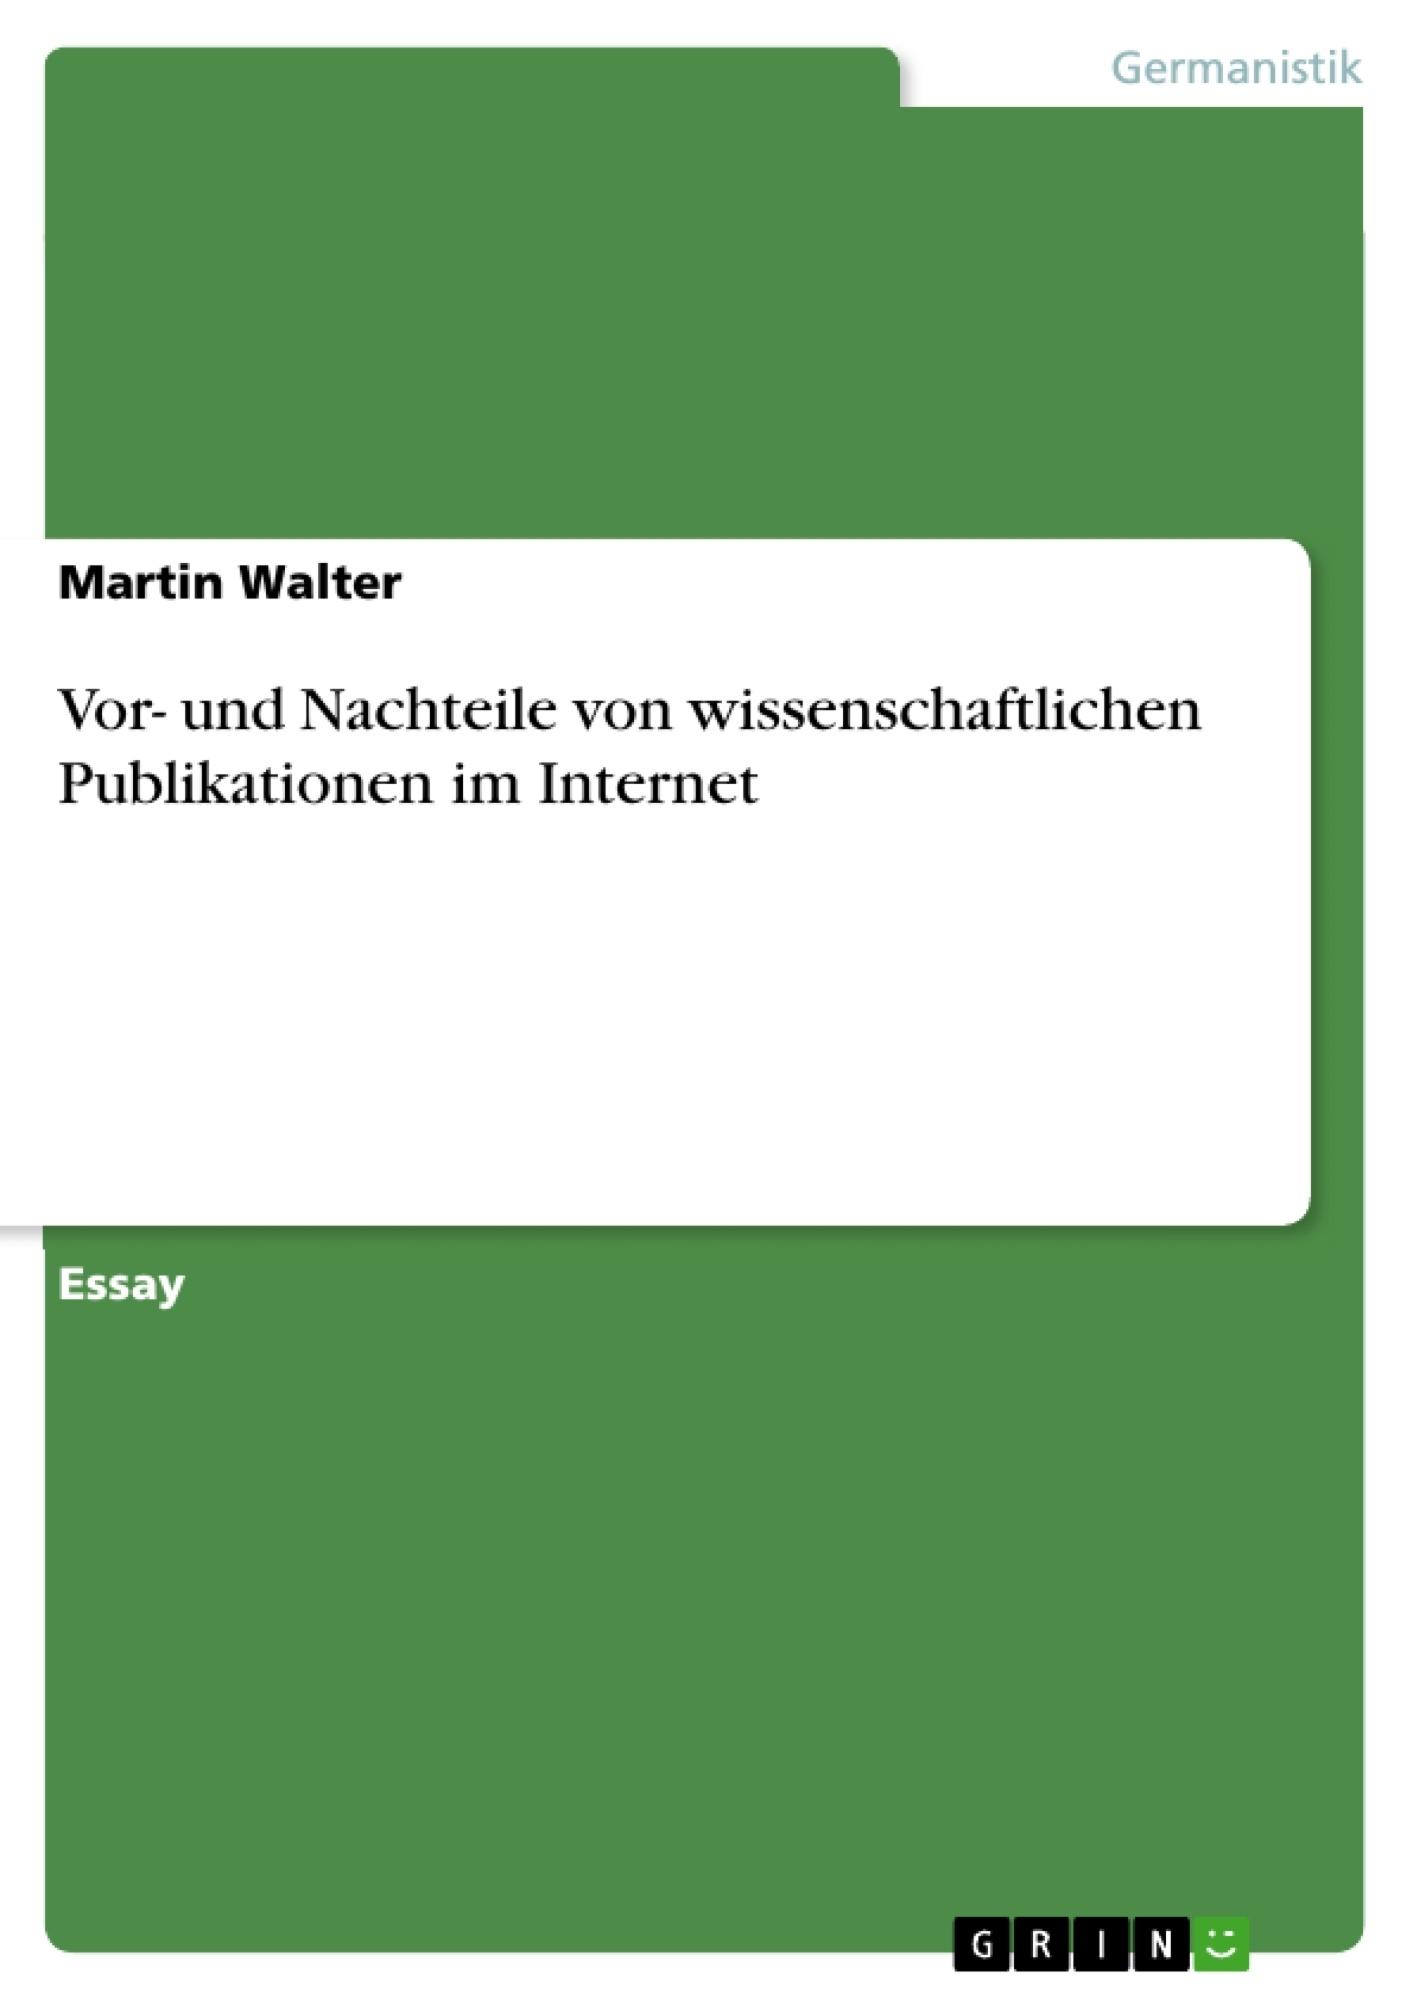 Titel: Vor- und Nachteile von wissenschaftlichen Publikationen im Internet